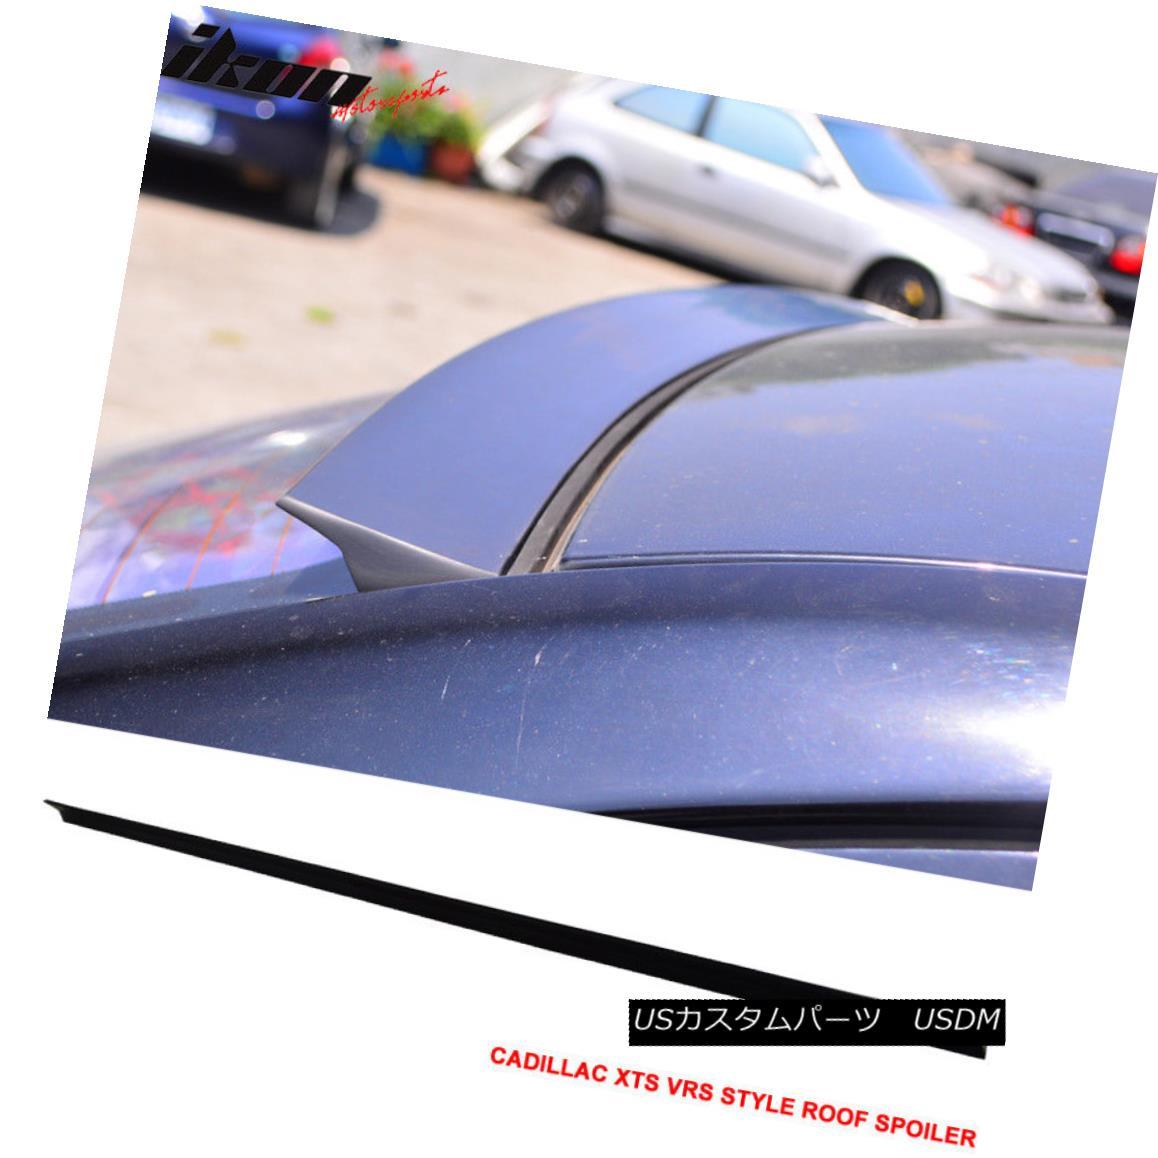 エアロパーツ 13-17 Cadillac XTS 4Dr VRS Style Roof Spoiler Unpainted Black - PUF 13-17キャデラックXTS 4Dr VRSスタイルルーフスポイラー無塗装黒 - PUF